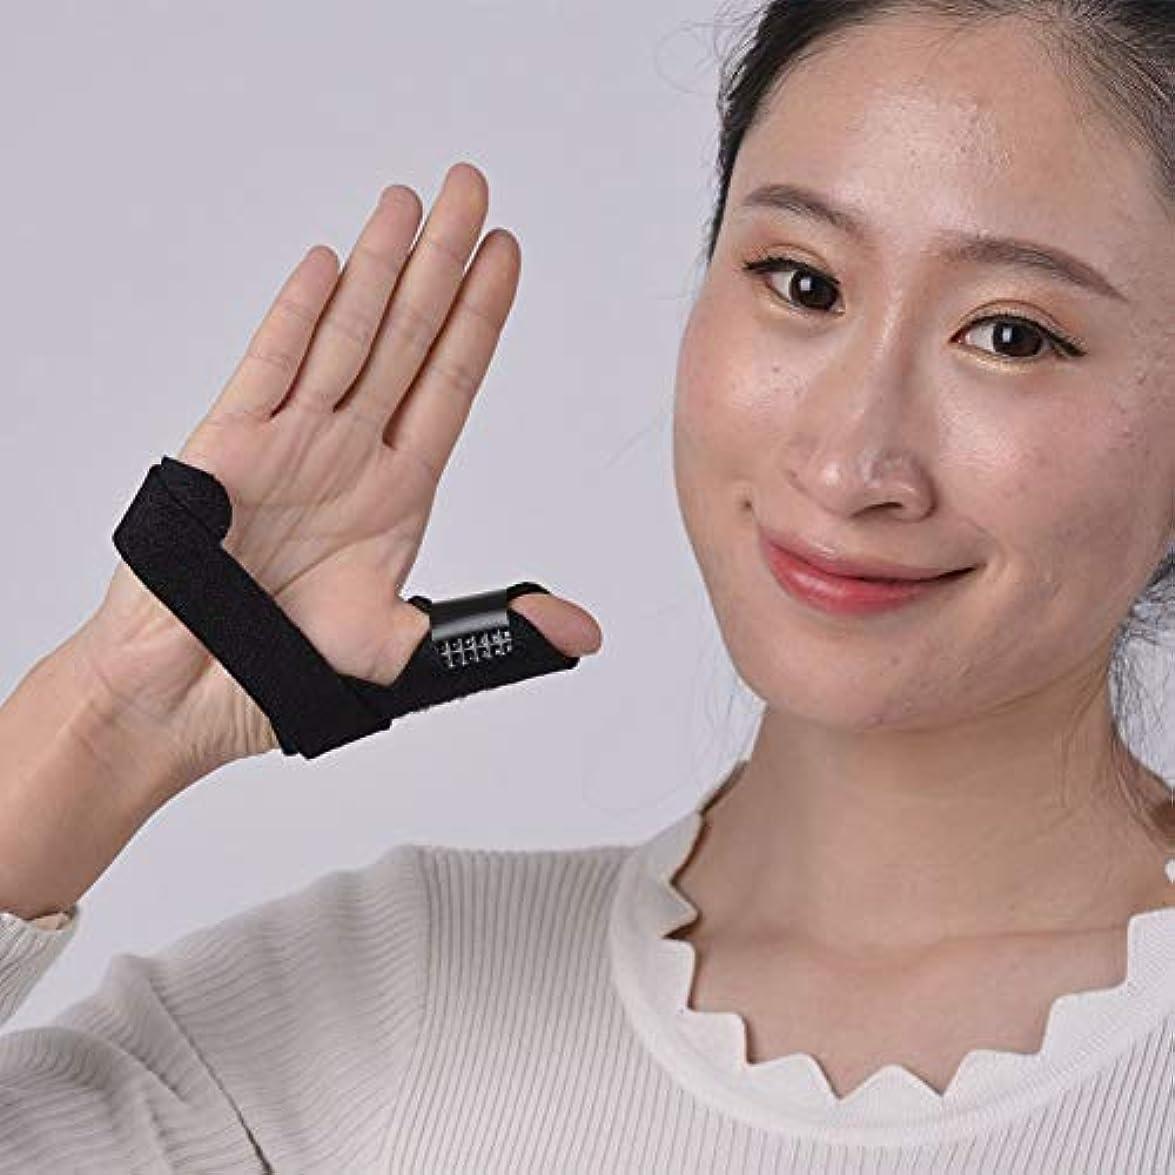 フォーカス類推八百屋さん引き金指関節炎靭帯の痛み指骨折創傷術後のケアと痛みを軽減するための指ストレイテナー固定副木